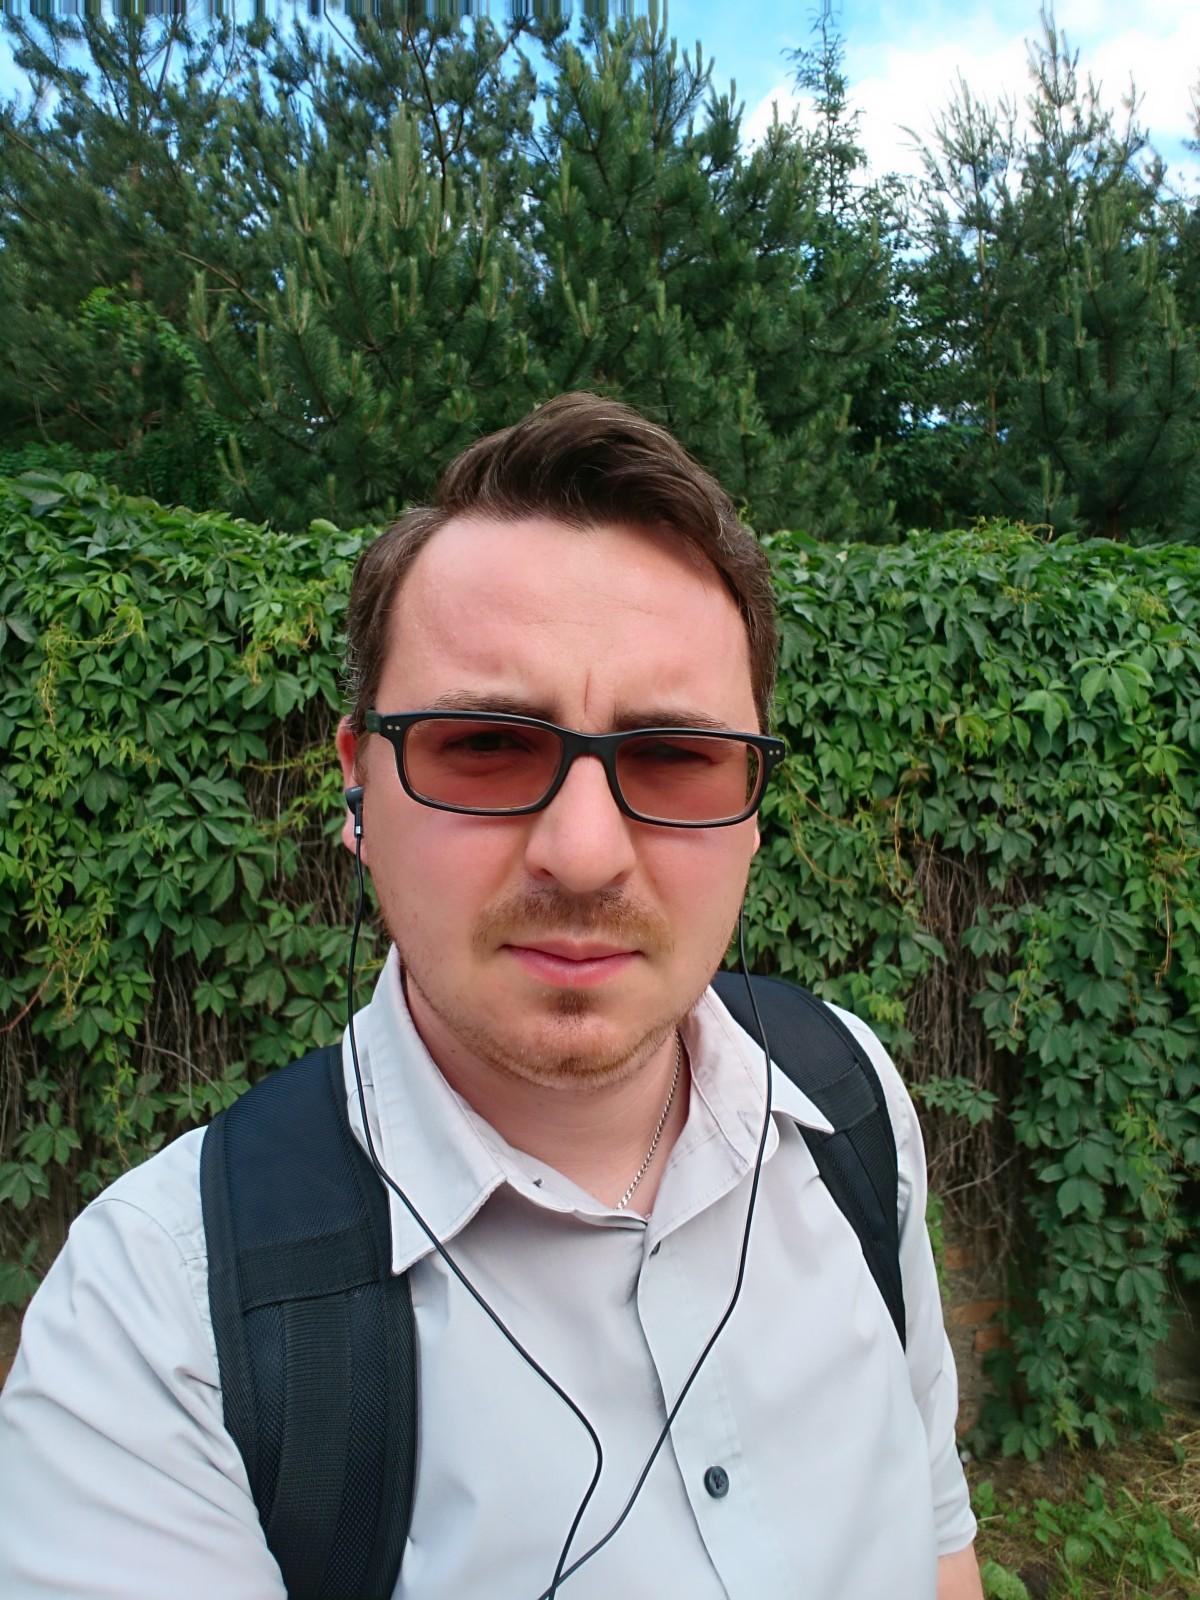 Zdjęcie wykonane Sony Xperią X (F5121) - Michał Brożyński - Naczelny ;) - recenzja 90sekund.pl